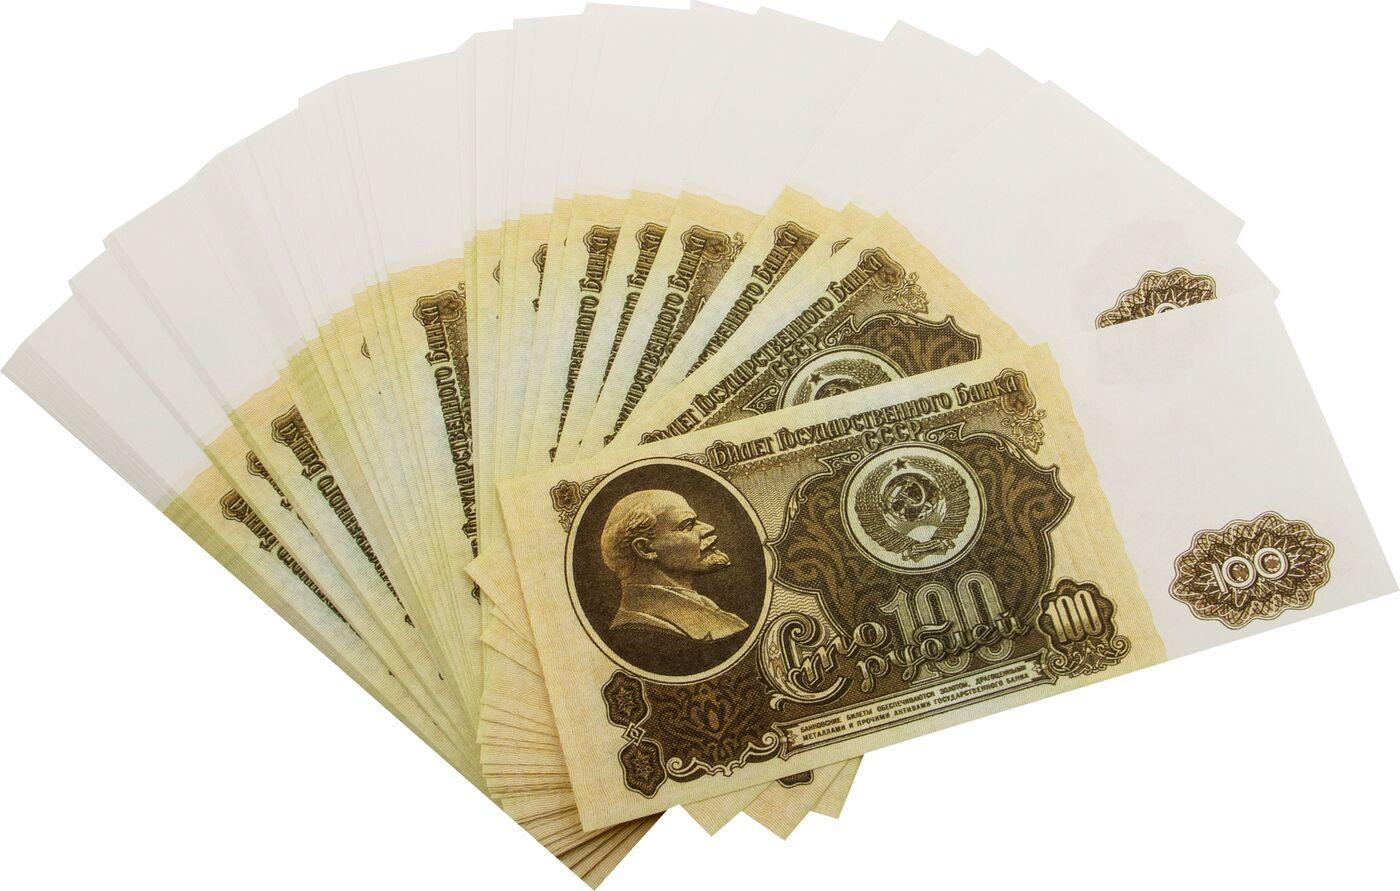 Сувенирные деньги Эврика Забавная пачка СССР 100 рублей сувенир печатная продукция сувенирные деньги 100 дублей